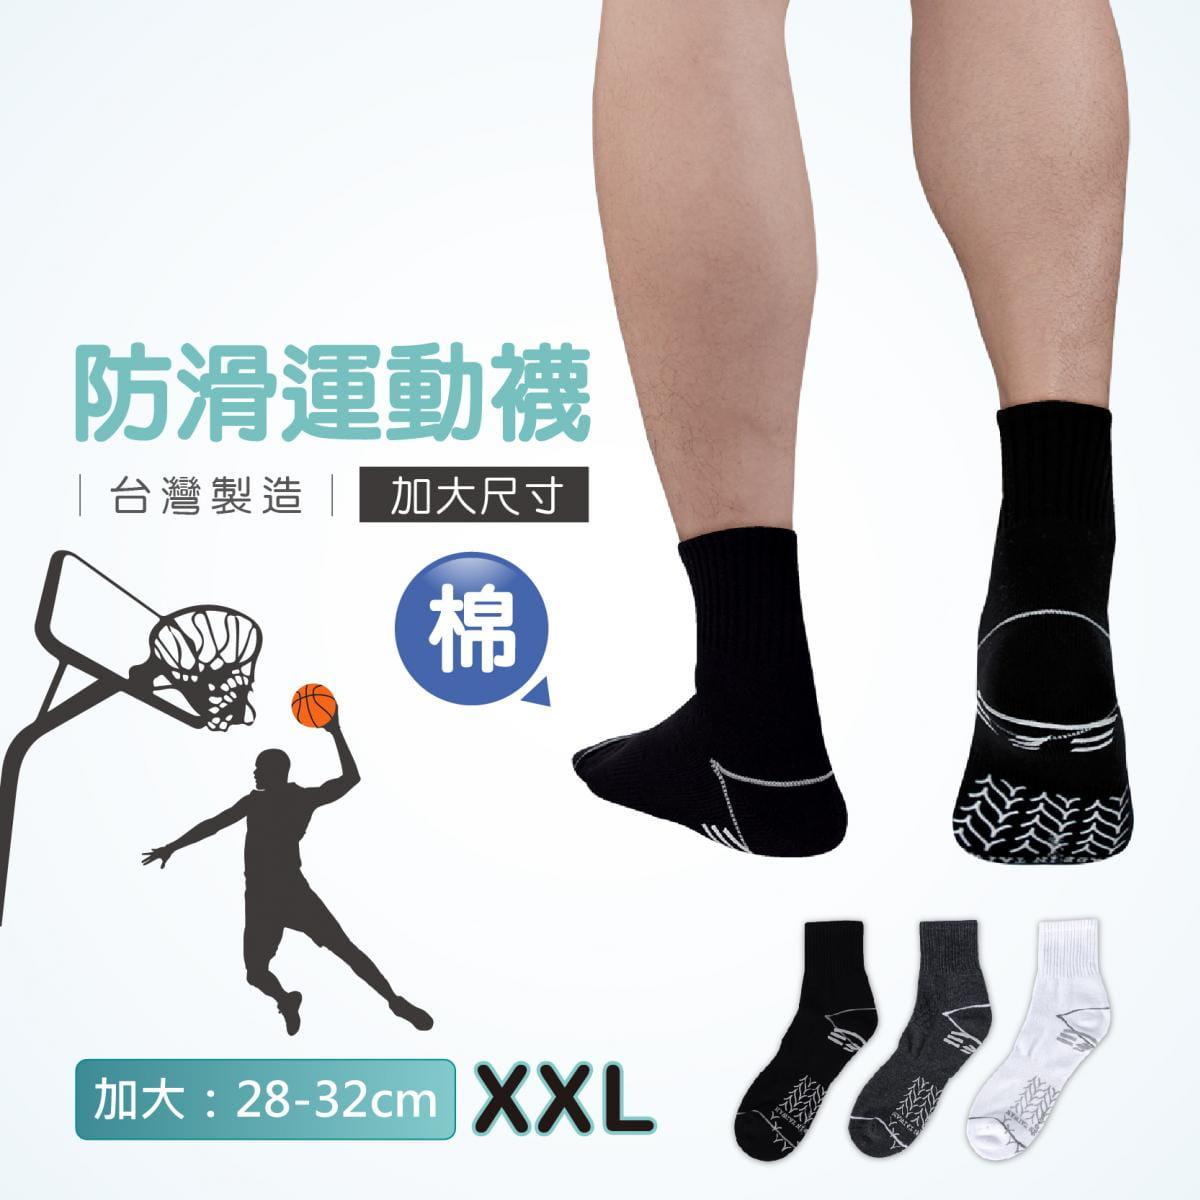 【FAV】防滑運動襪 0